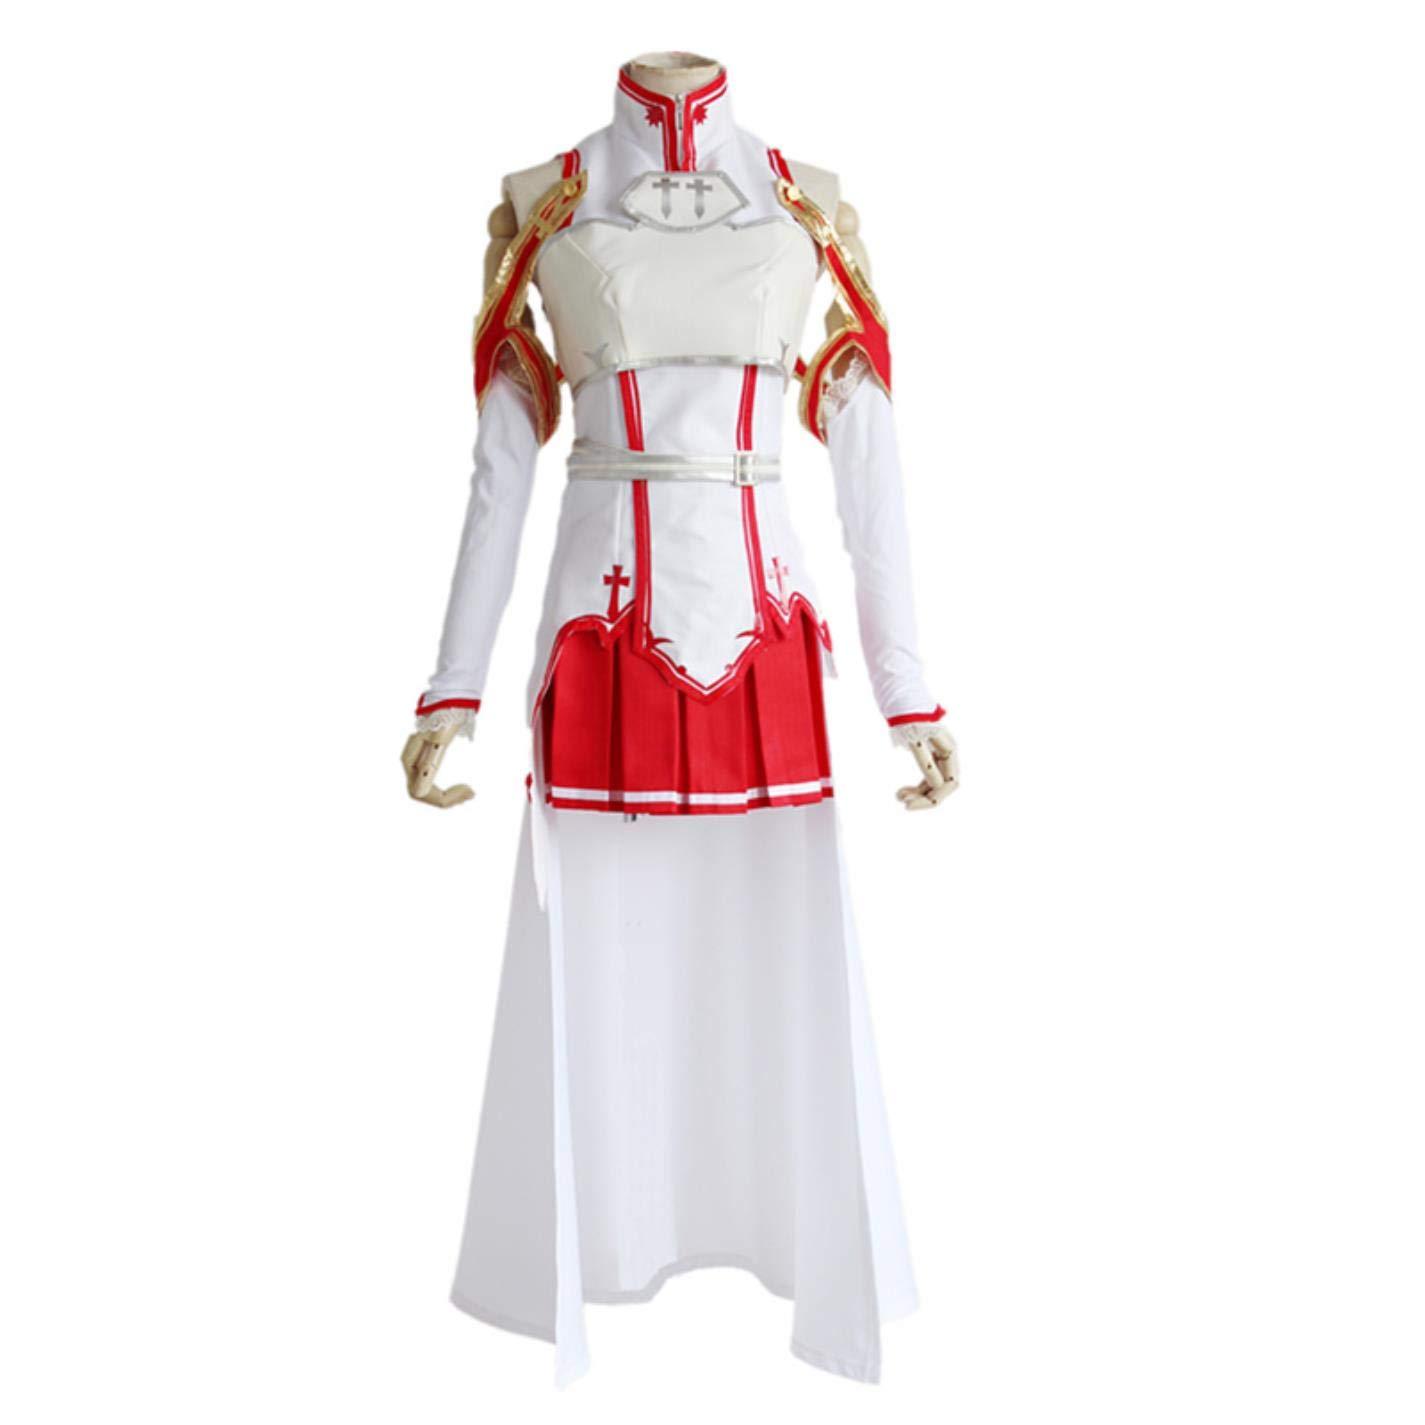 Amazon com: Anime Sword Art Online Cosplay Fighting Suit